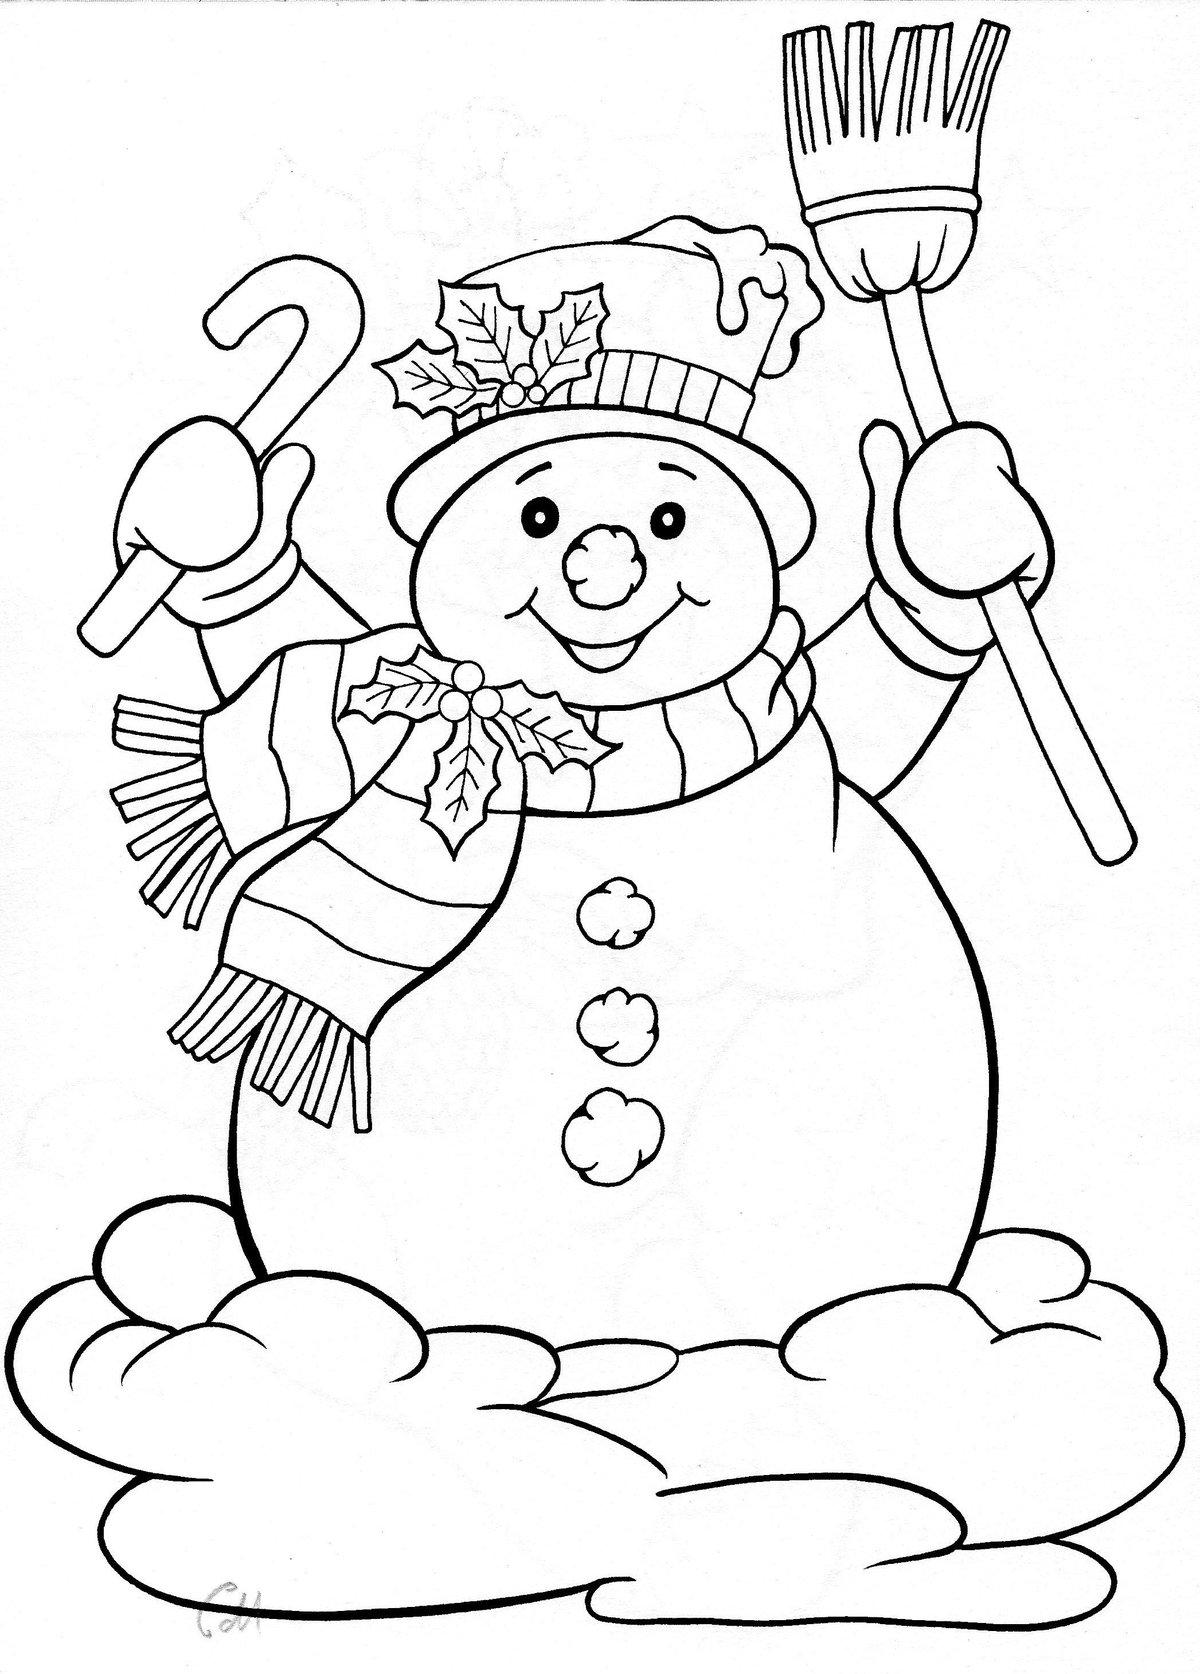 Картинки снеговиков на новый год печатать, открытку своими